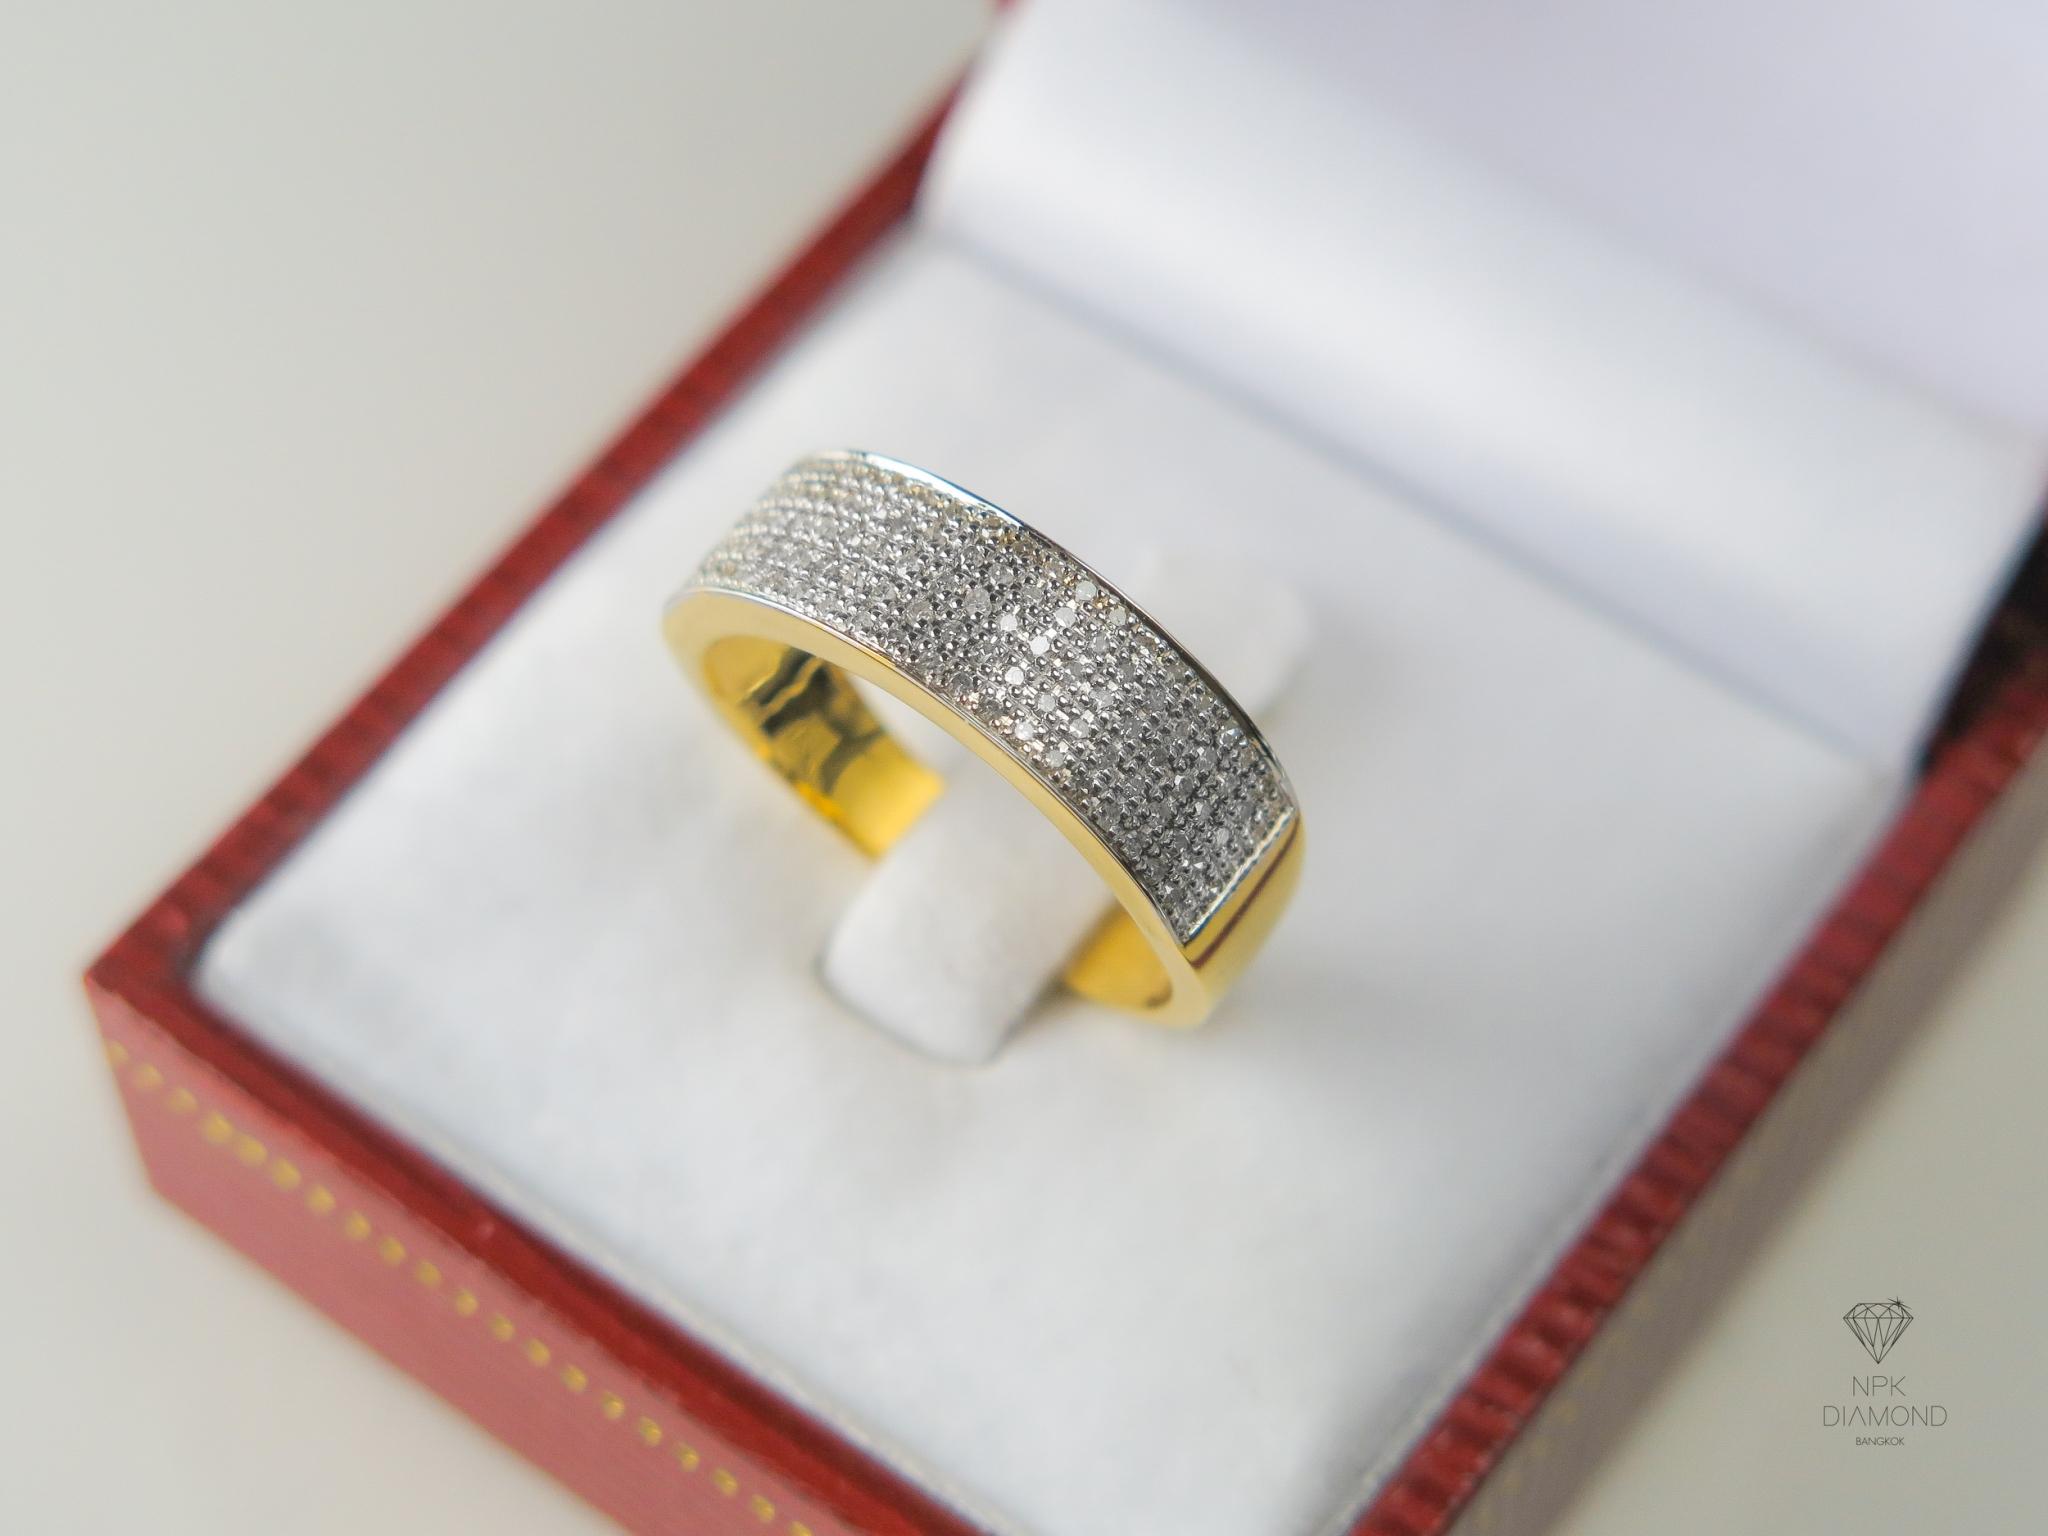 แหวนเพชรแถวหน้าเต็ม 115 เม็ด